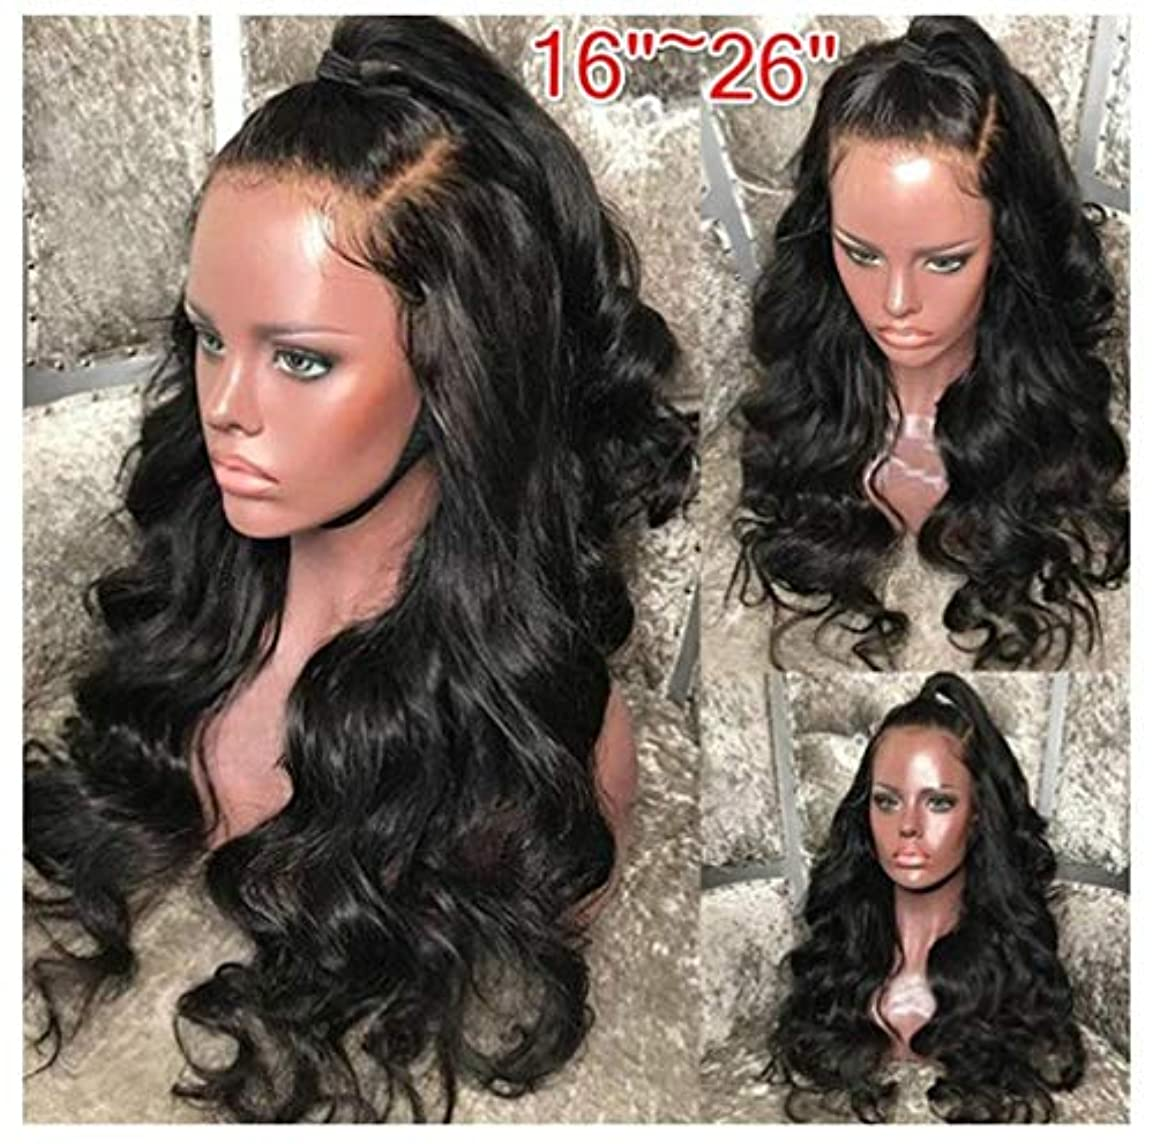 消える海軍拘束女性かつらヘアレースフロントグルーレスショートボブ人工毛ウィッグ波状わずかにベビーヘア150%密度